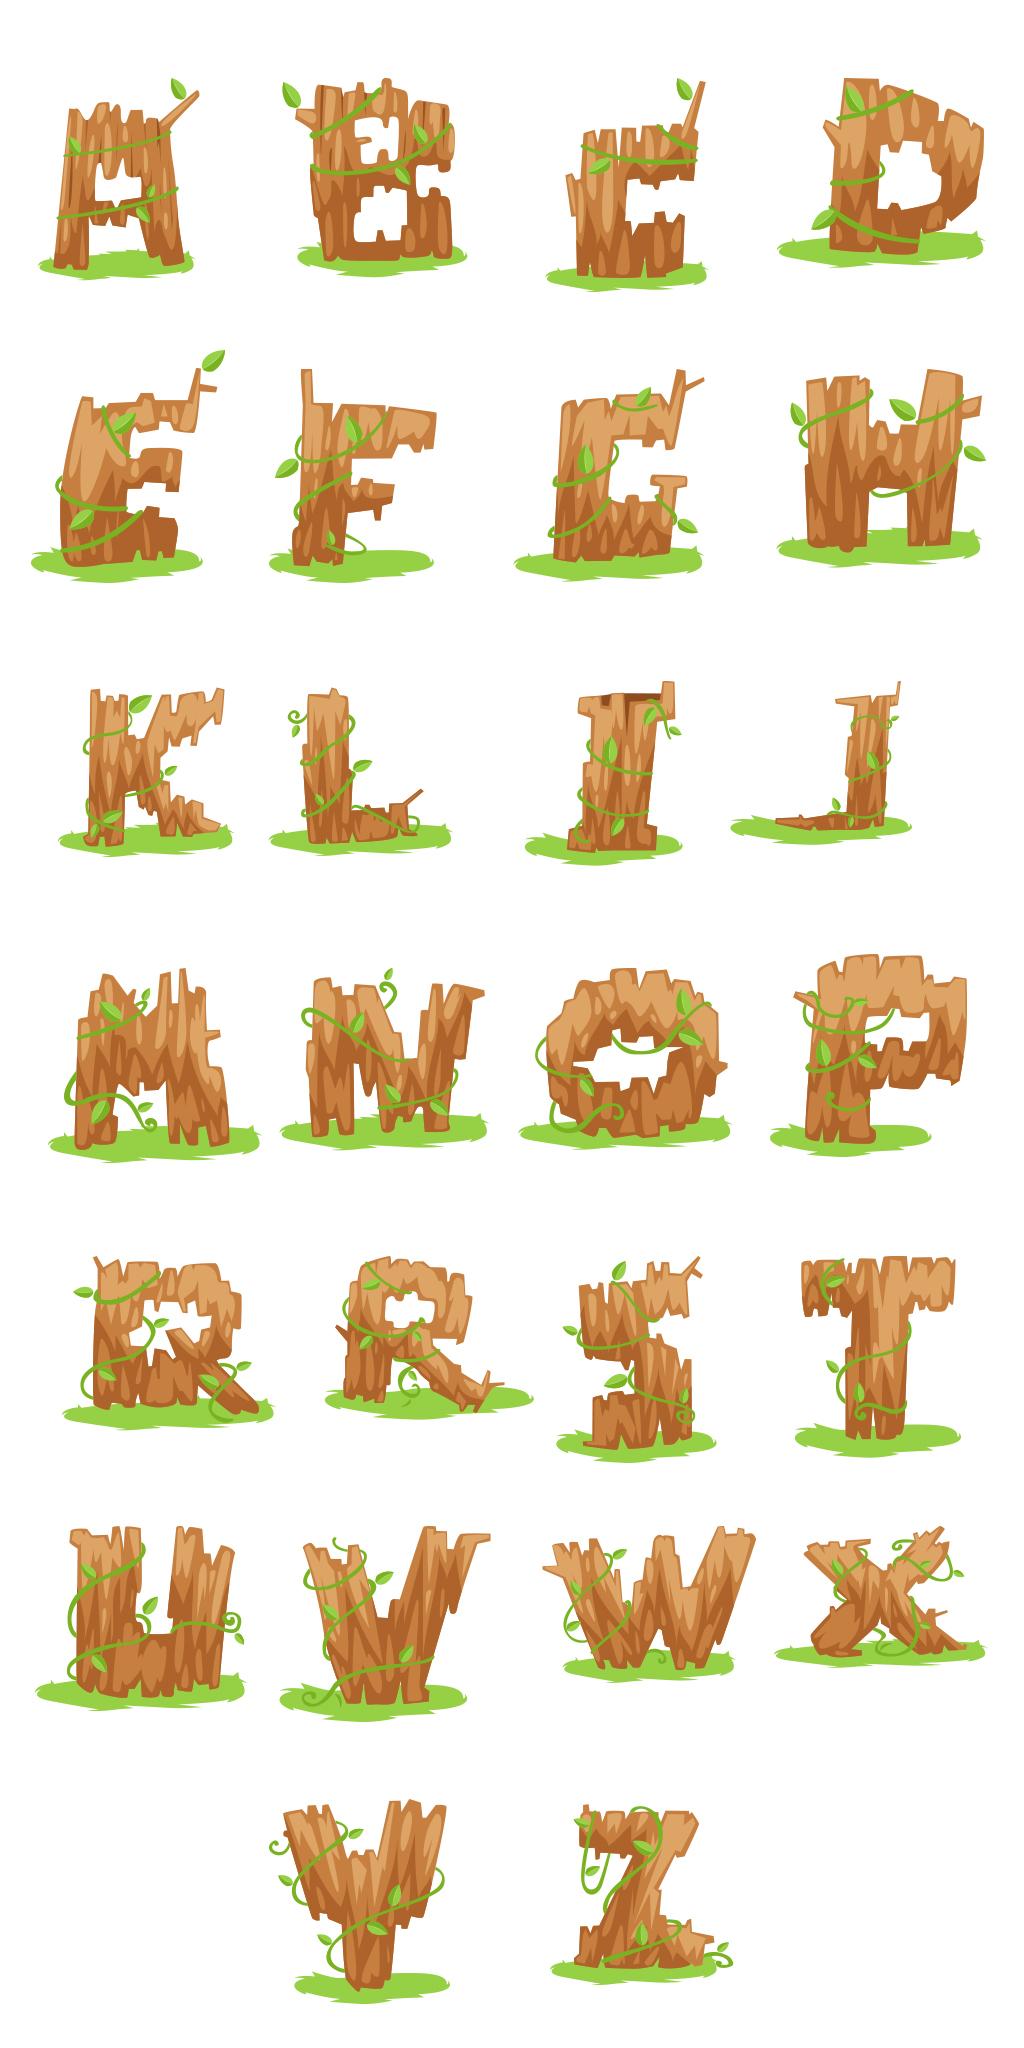 矢量可爱卡通木头英文字体设计